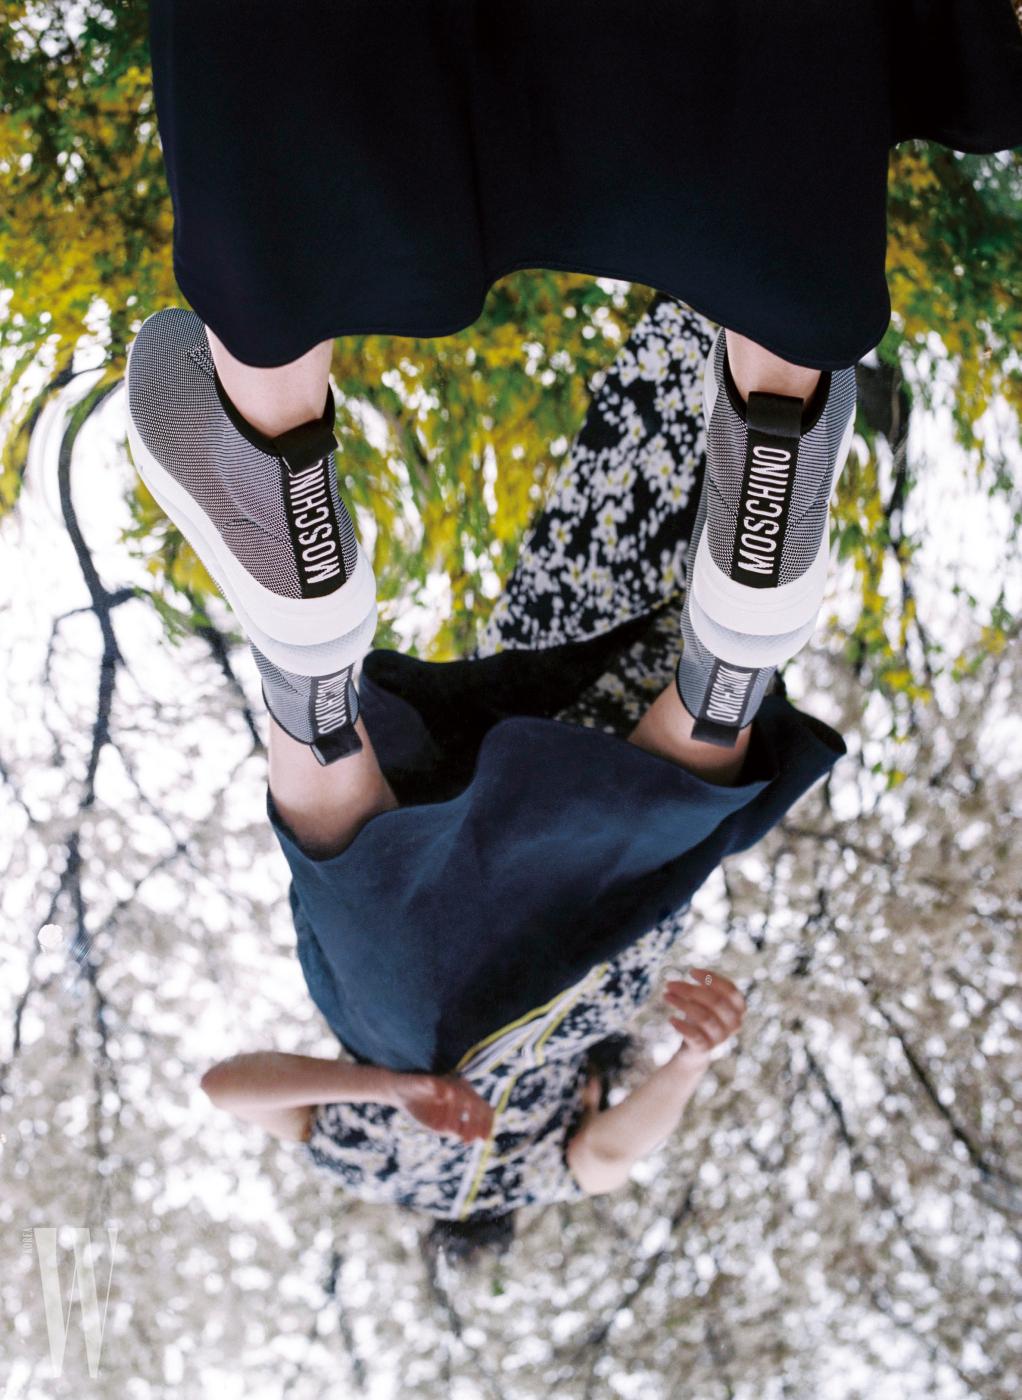 스포티한 밴딩 장식 운동화는 모스키노 제품. 꽃무늬 드레스는 스포트막스 제품.